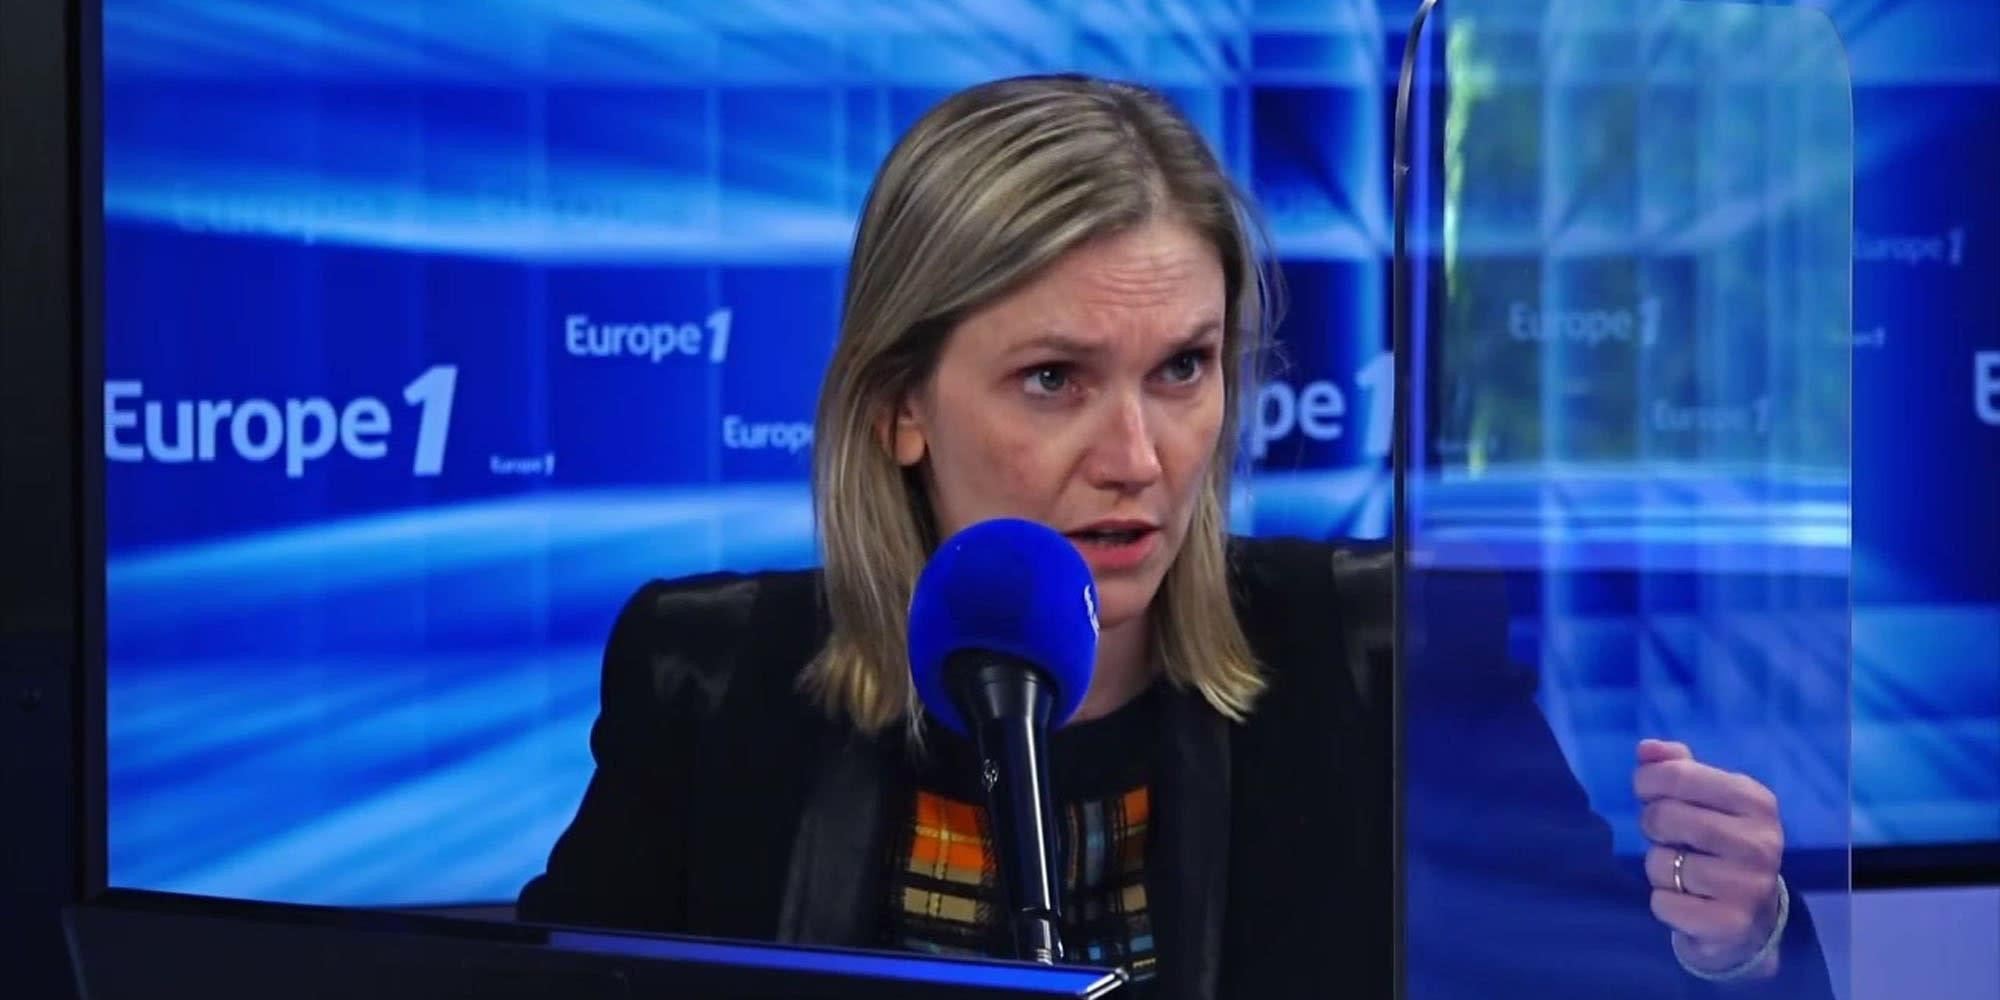 La ministre Agnès Pannier-Runacher est l'invitée d'Europe 1 mercredi à 8h13